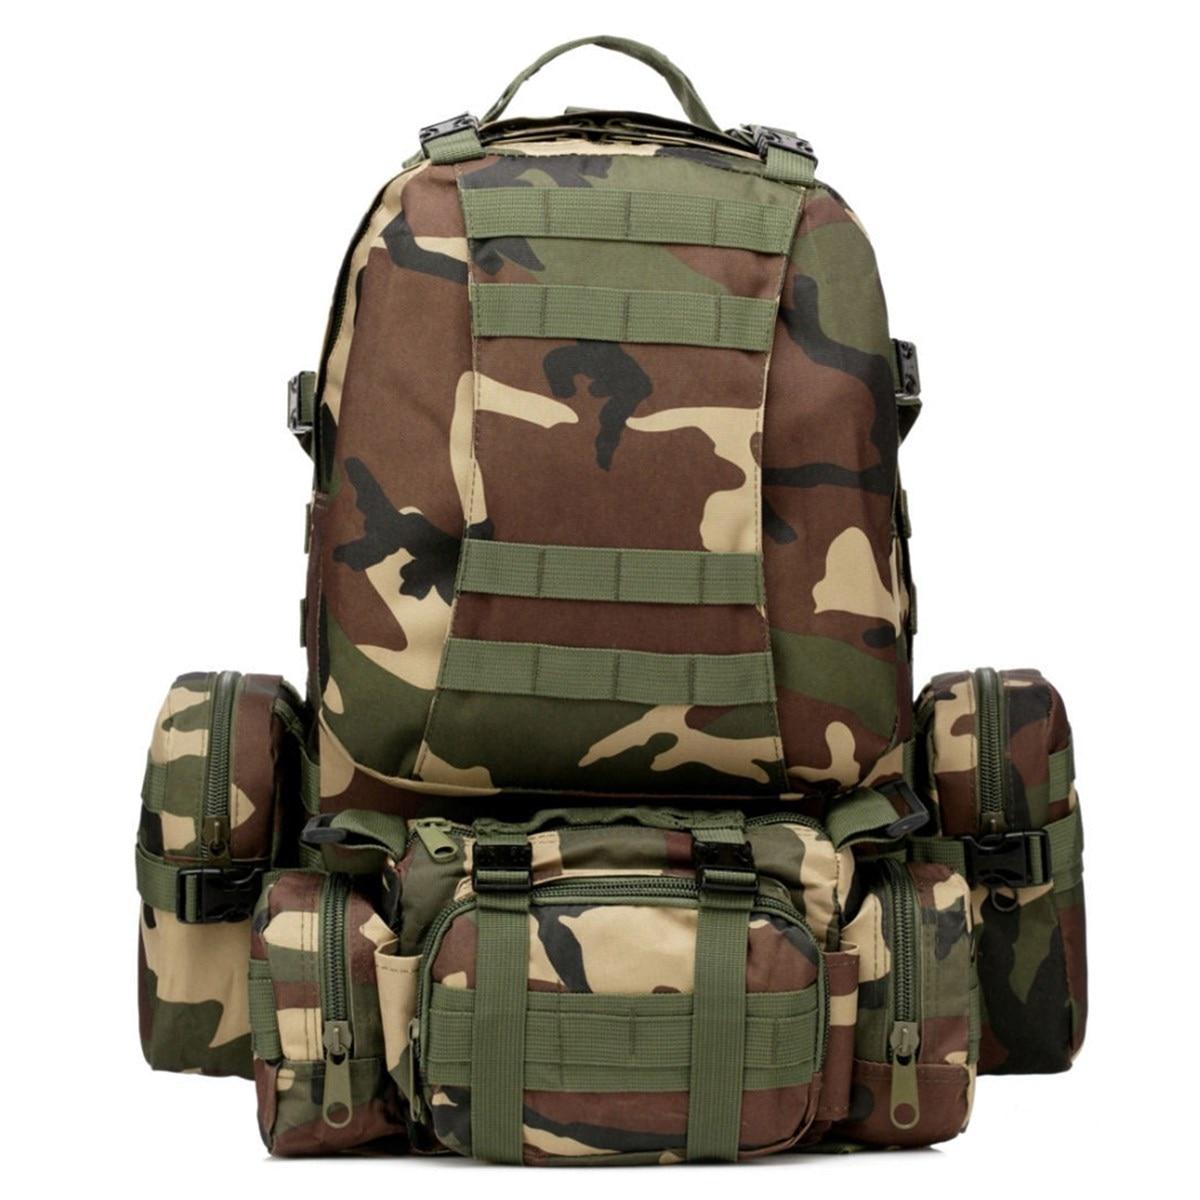 55L Outdoor Sport 3D Molle 600D Militarys